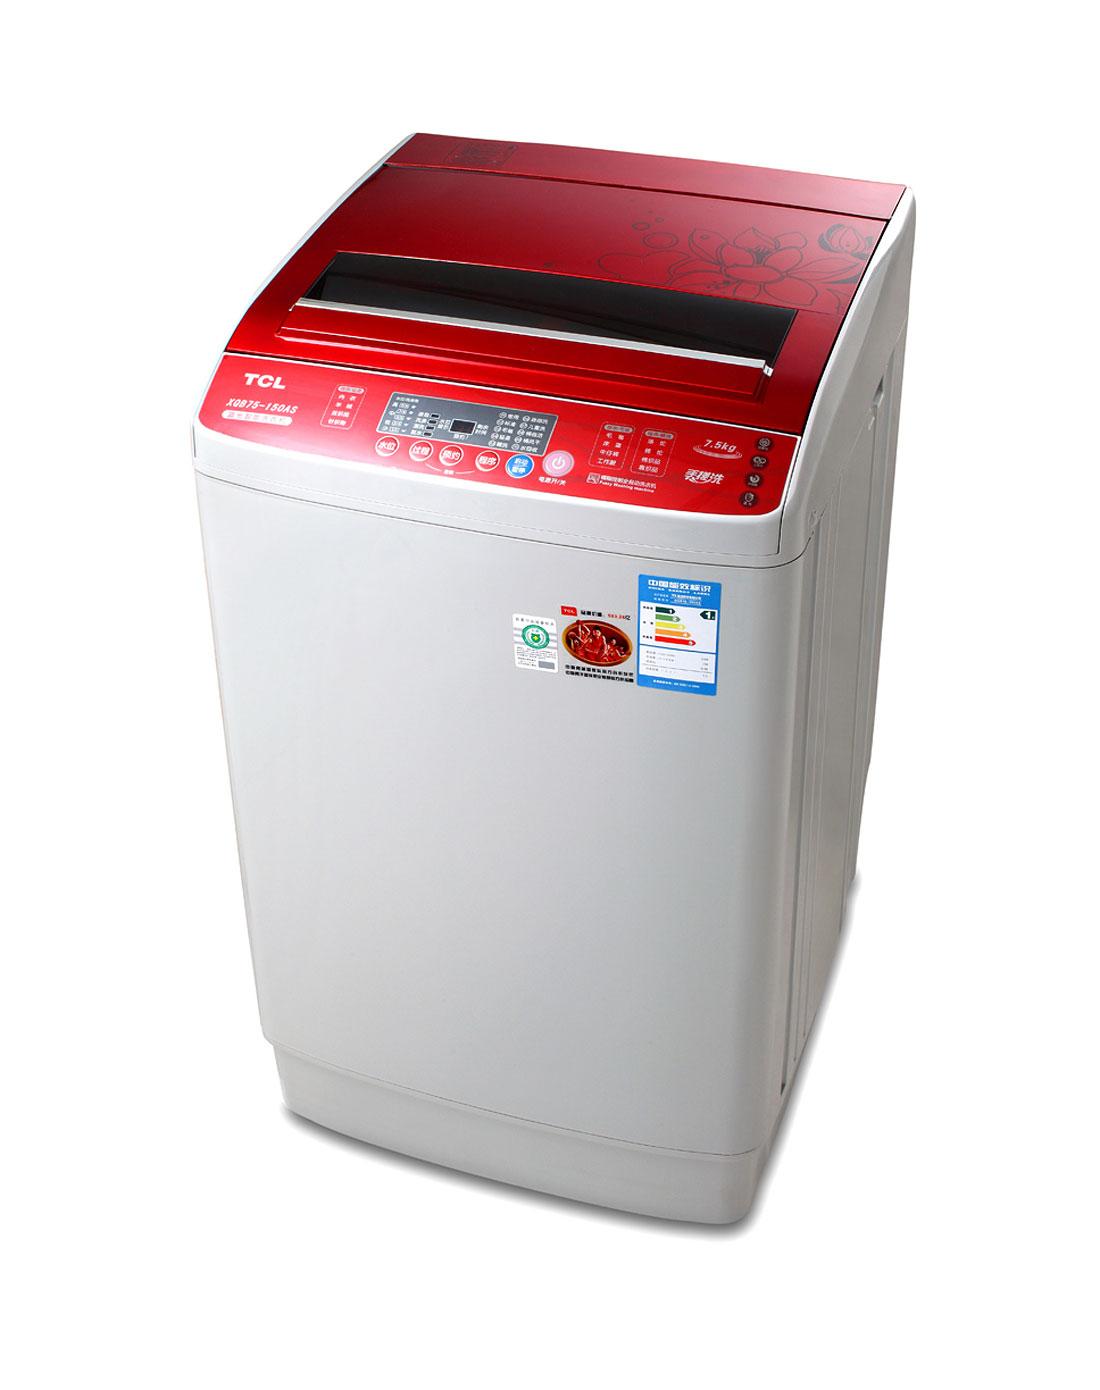 7.5公斤 红色全自动洗衣机 全新蓝光杀菌技术